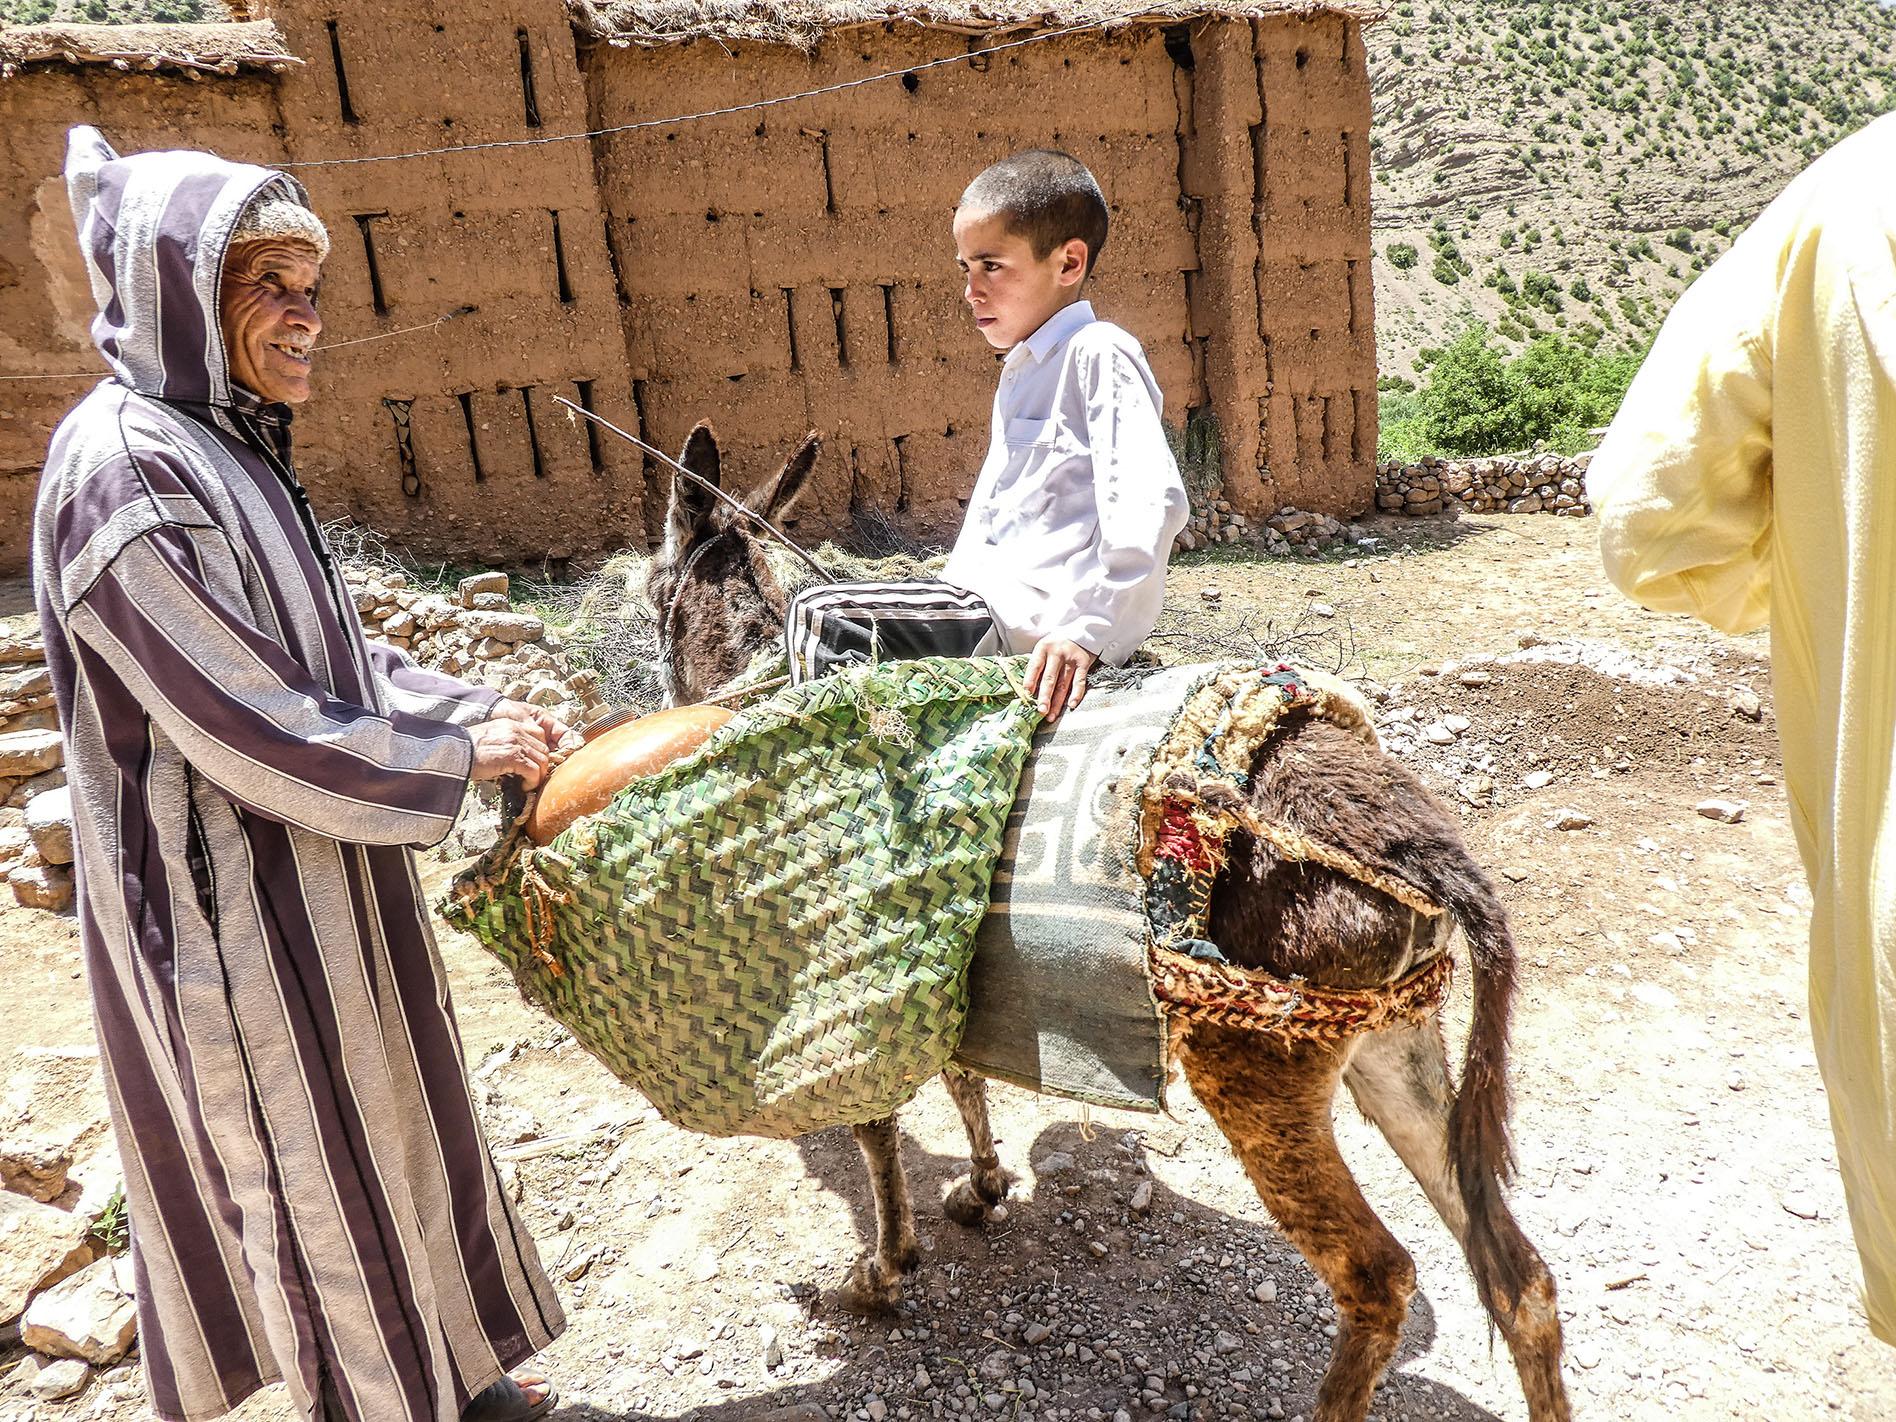 Maroc - R'bat, un vieil homme et un enfant sur un ane